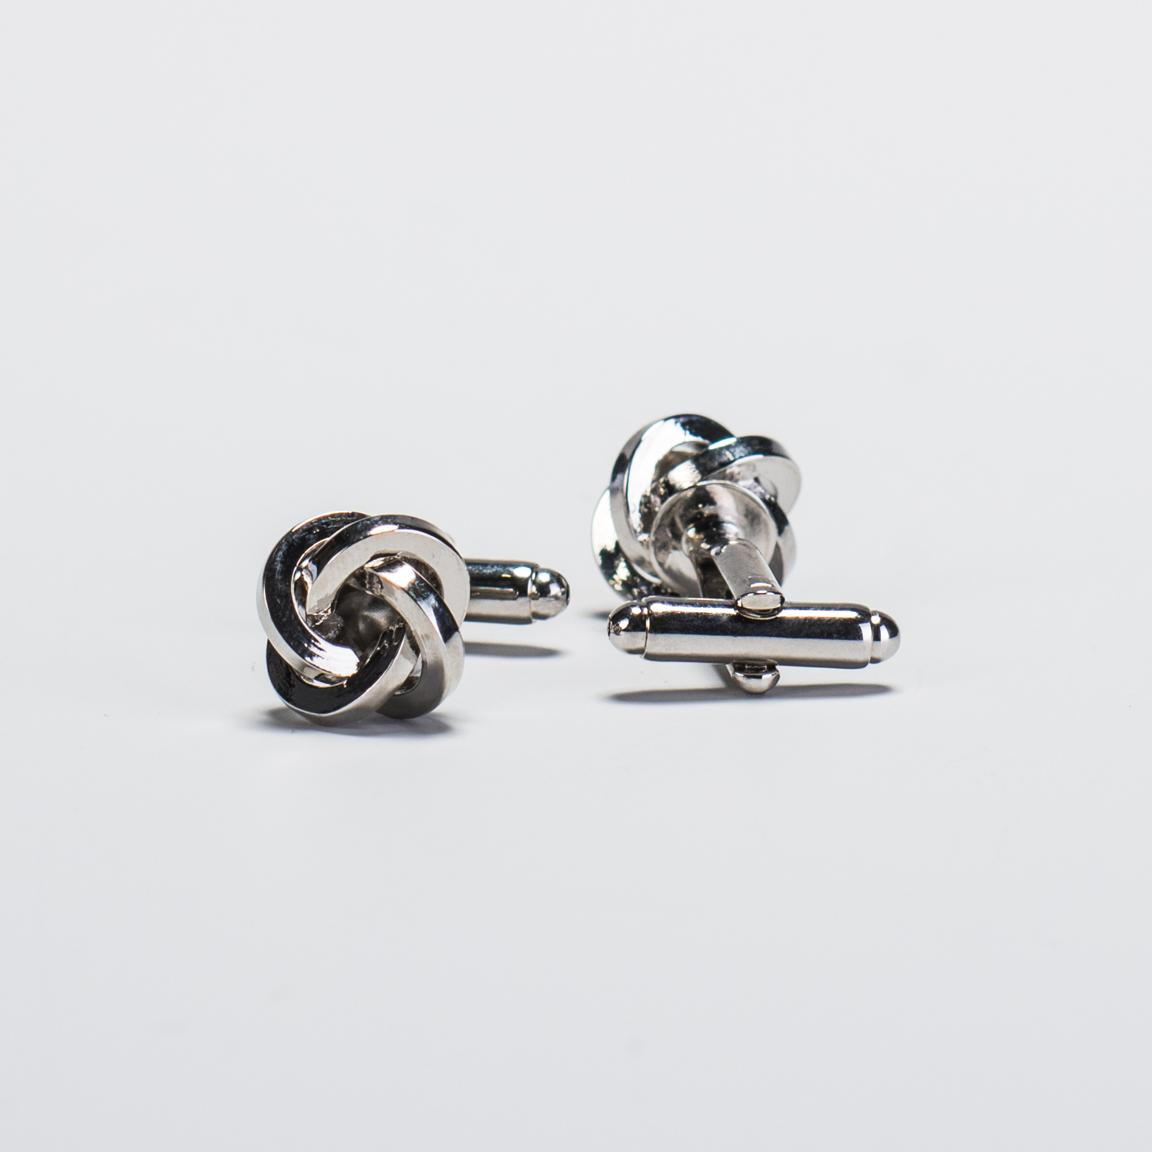 Srebrne spinki do mankietów w kształcie węzłów